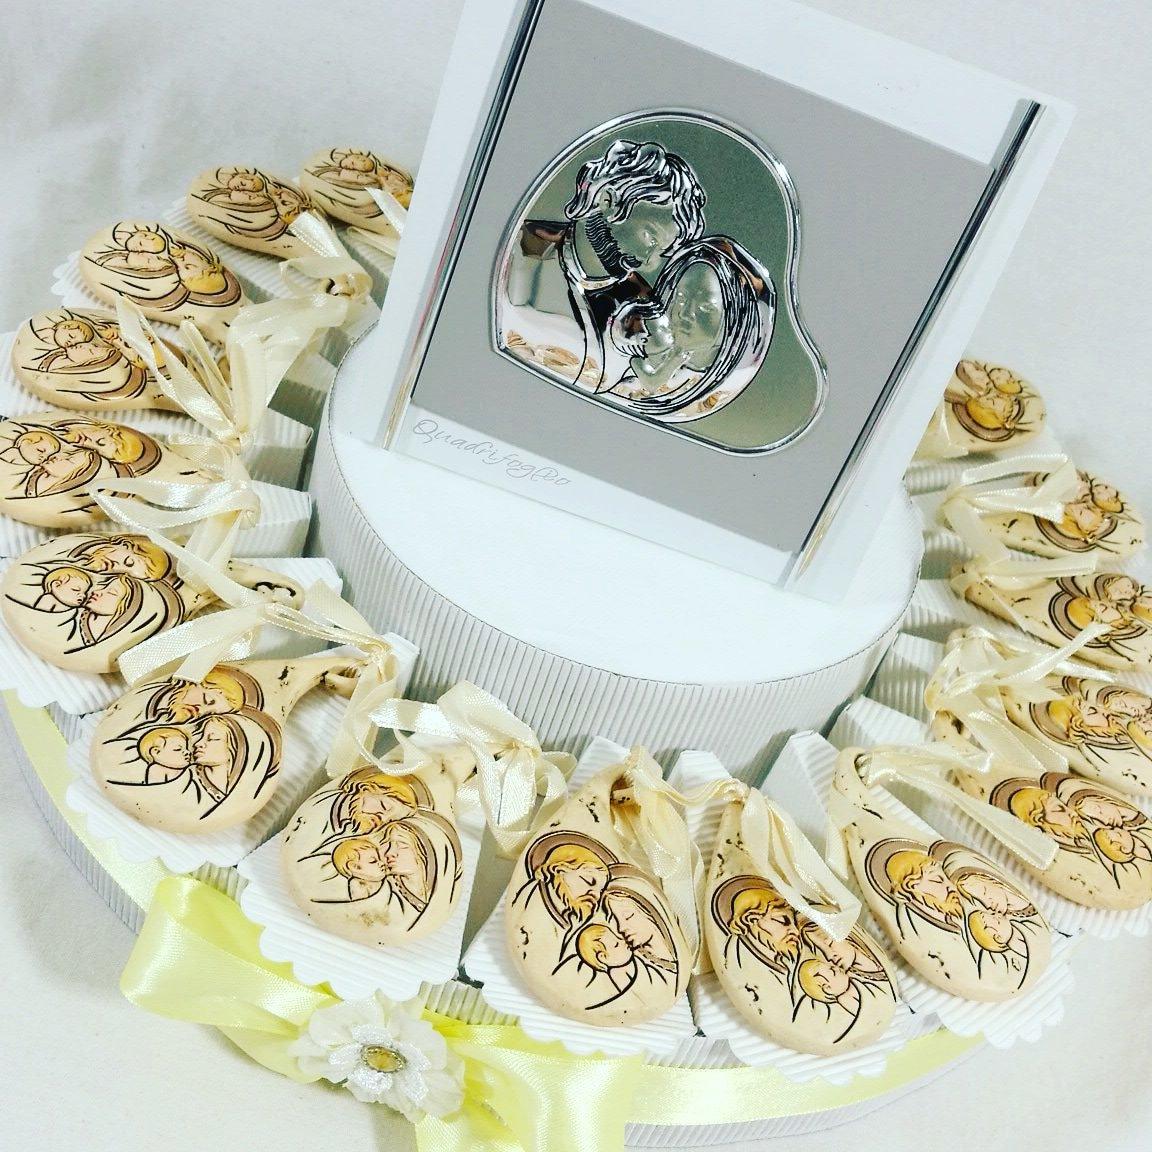 bomboniere battesimo pendente con centrale con immagine sacra famiglia torta bomboniera APR Sindy Bomboniere